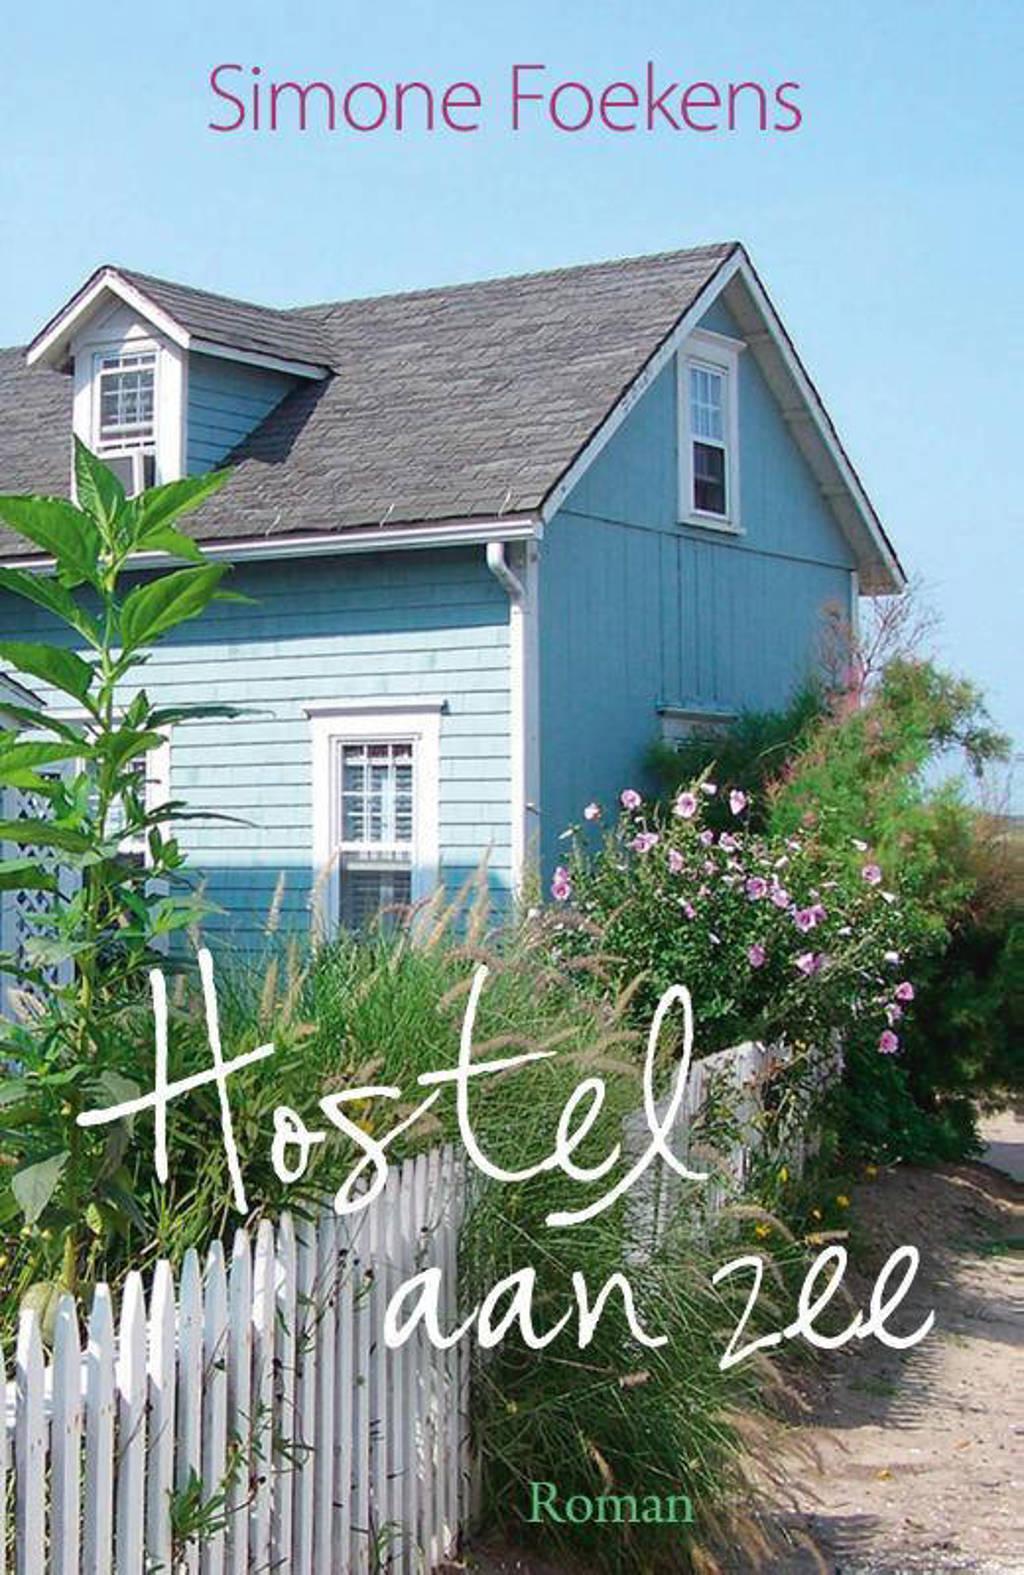 Romanserie 2020: Hostel aan zee - Simone Foekens